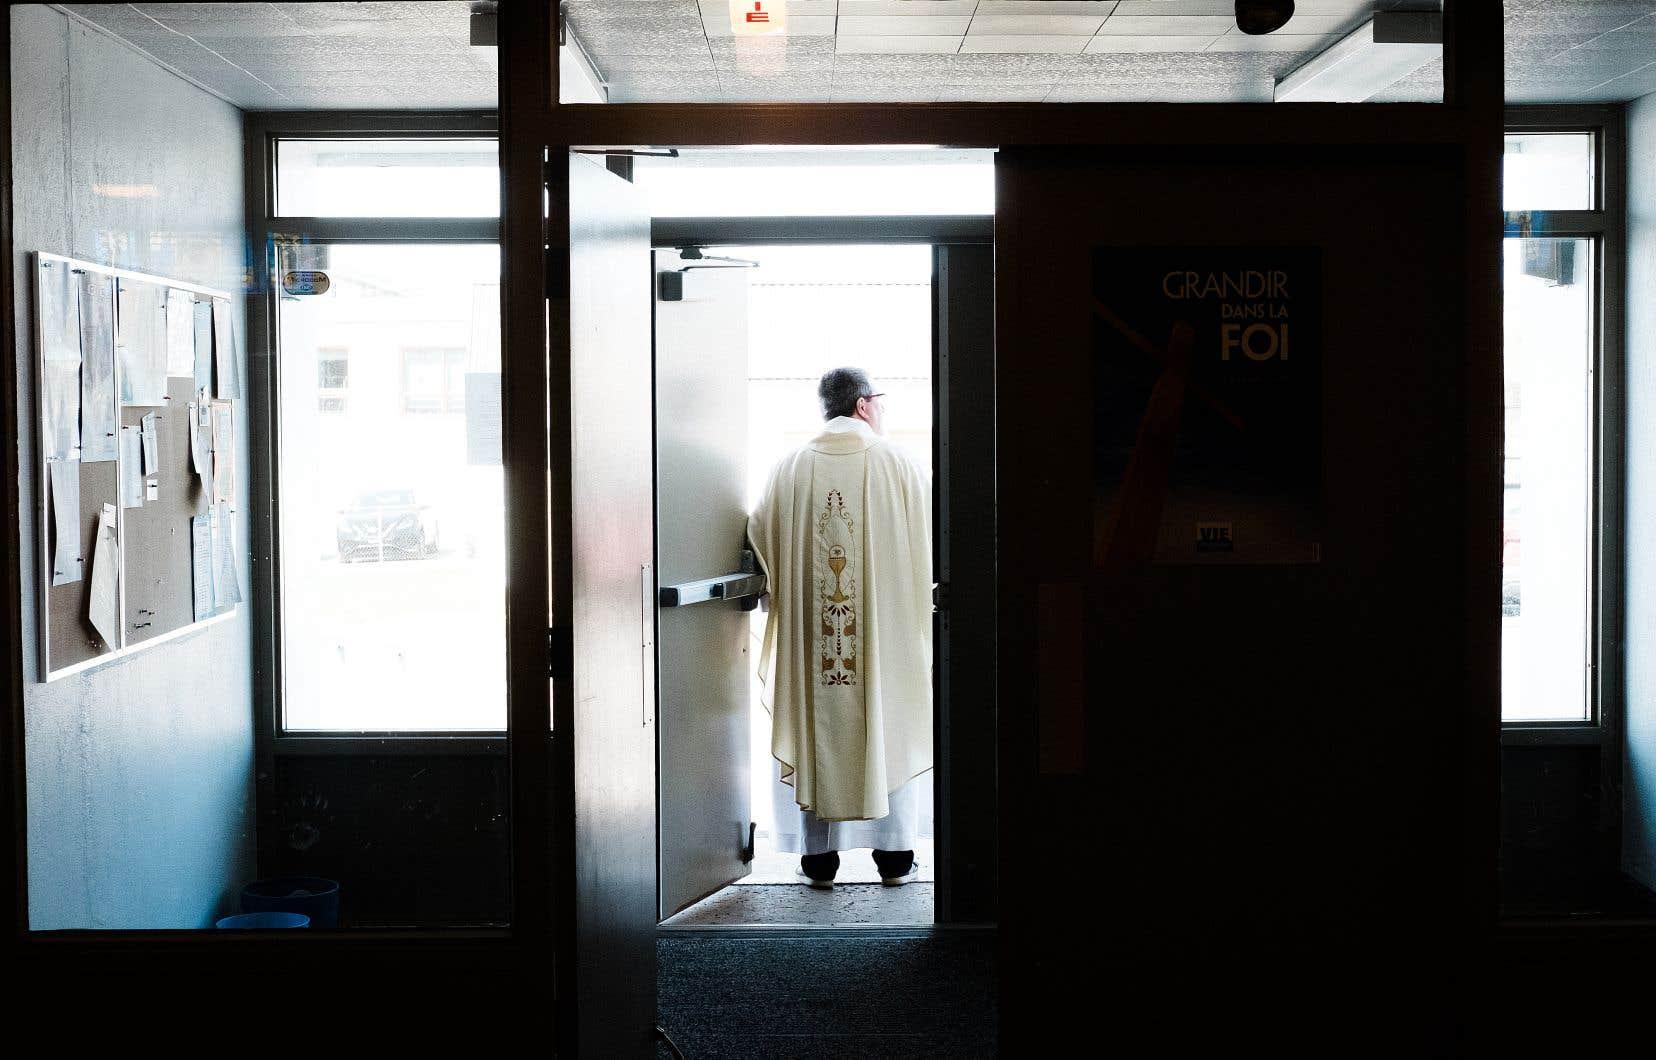 La pandémie de COVID-19 a amené un virage virtuel au diocèse de Québec, permettant aux fidèles d'assister tous les jours à la messe en ligne. Un des instigateurs du projet, le père Dominic, partage l'animation de cette célébration avec deux autres prêtres, dont l'abbé Yves Fournier (photo).